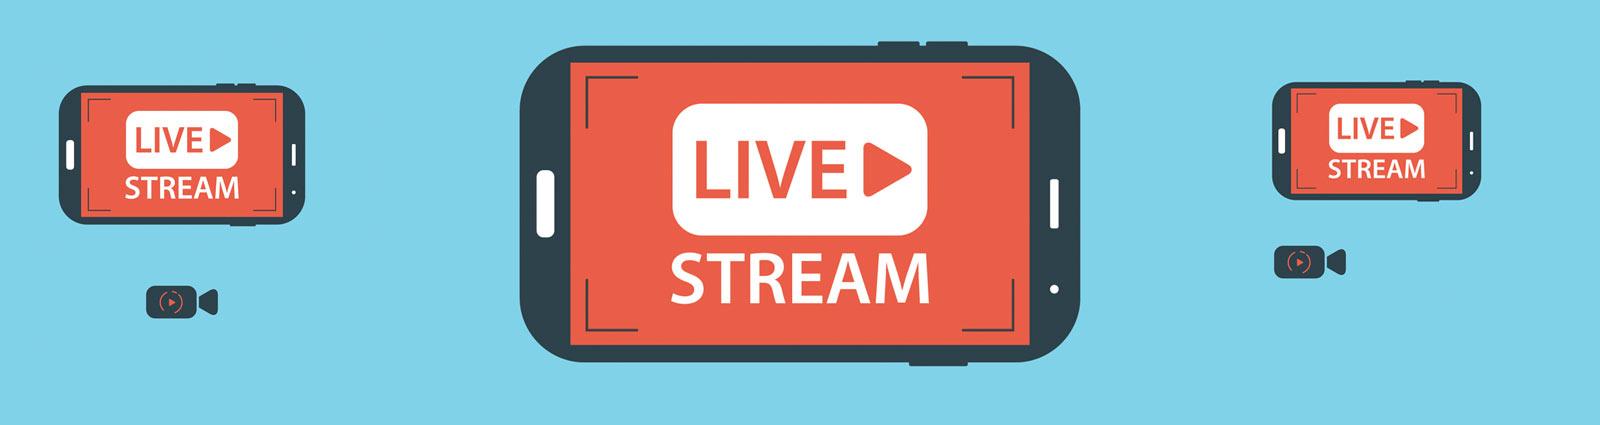 Prestations audiovisuelles de live streaming pour youtube, facebook et les réseaux sociaux